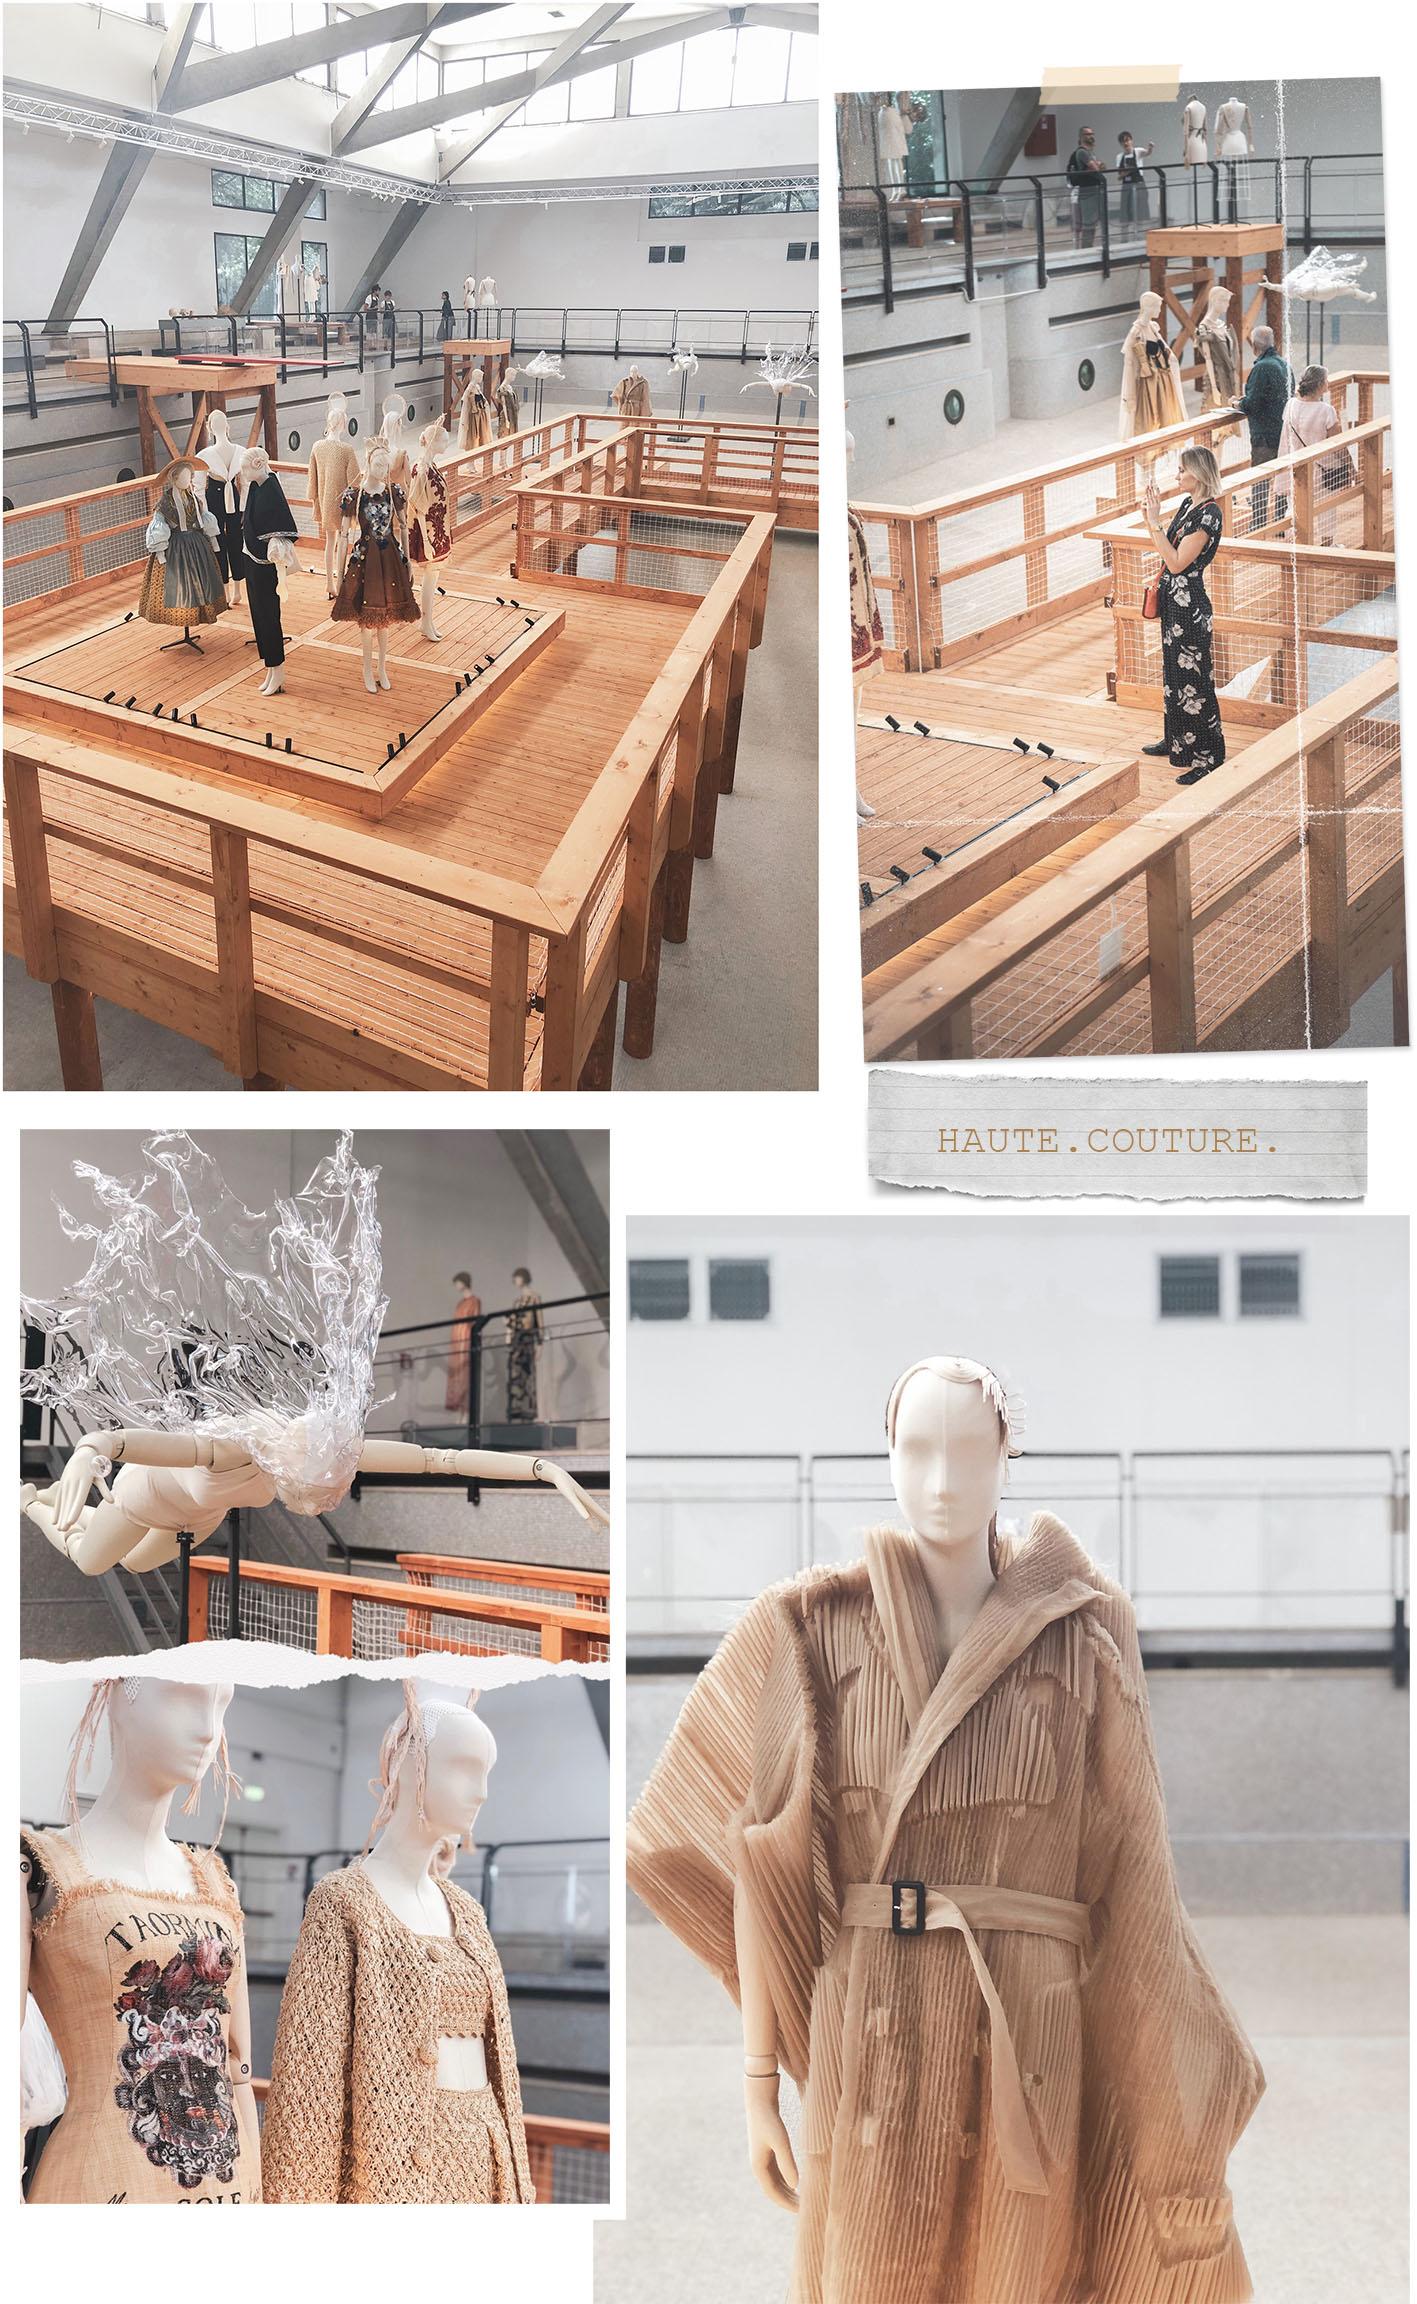 exposition-artisanat-mode-homo-faber